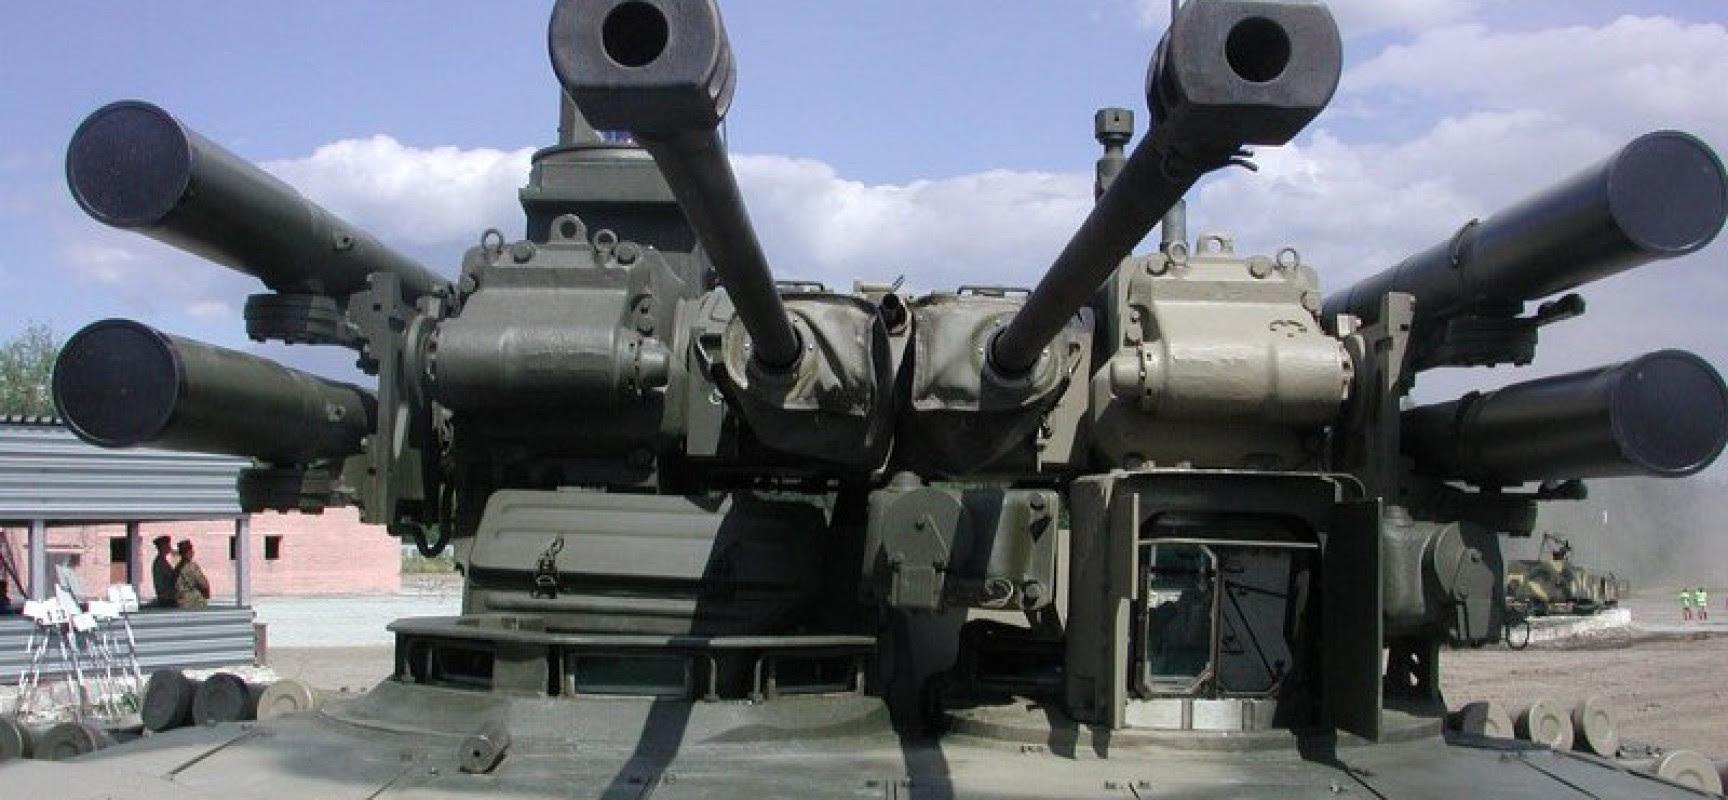 Après l'attentat contre son ambassade à Damas, les Russes testent «Terminator» en Syrie